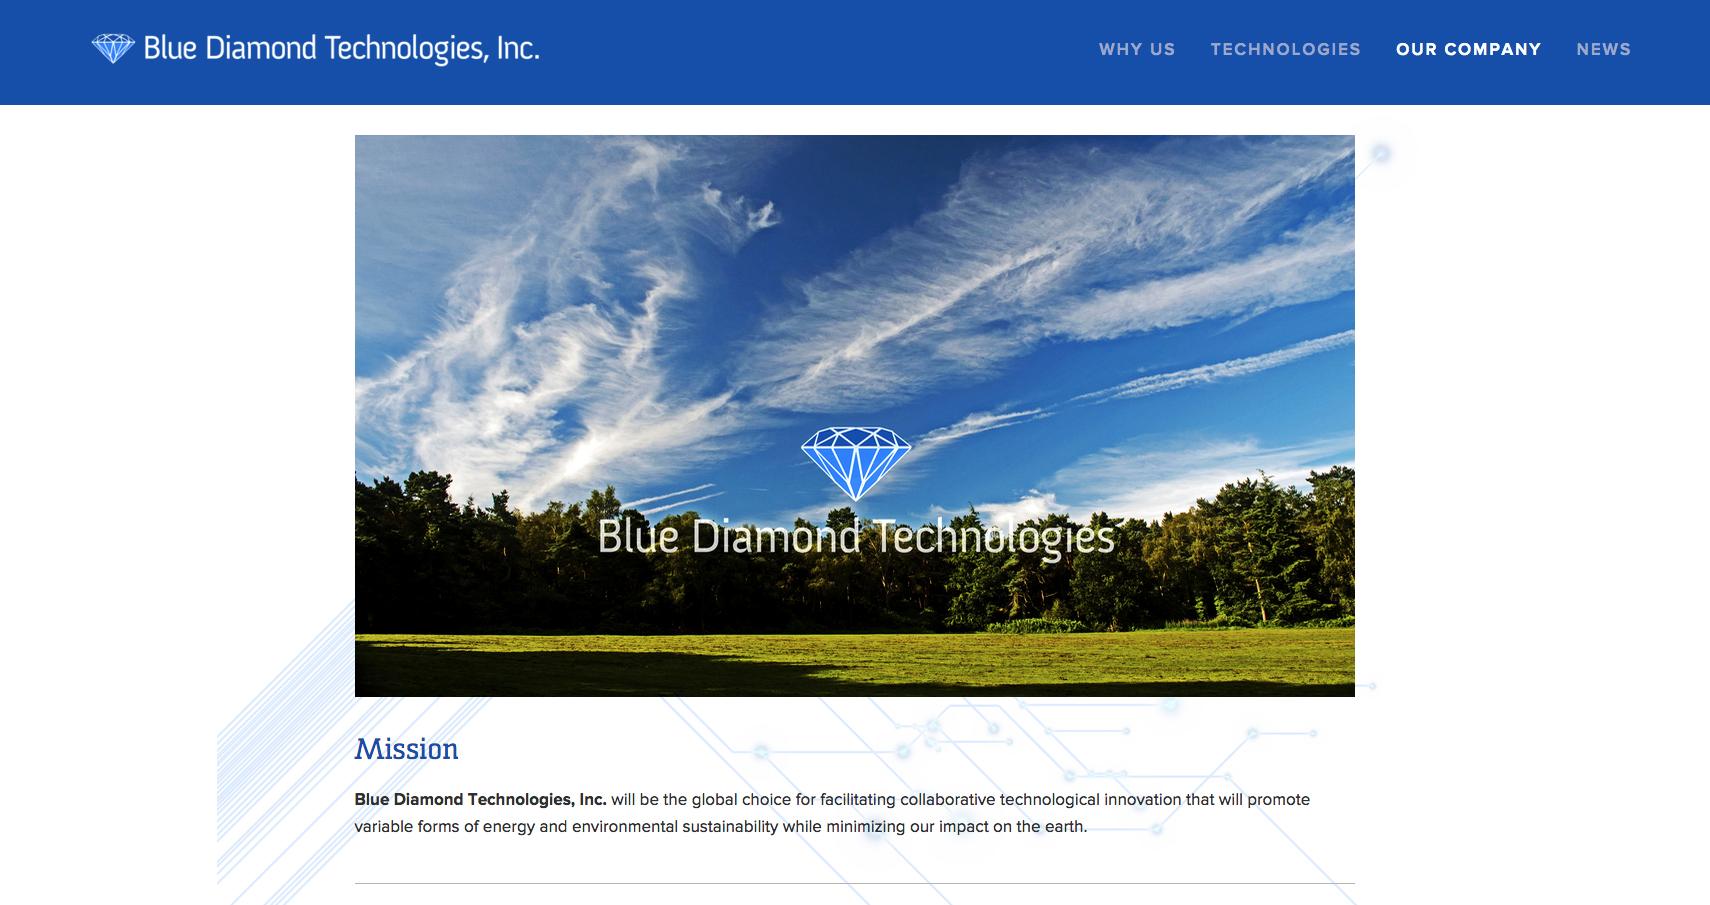 bluediamond-mission.jpg